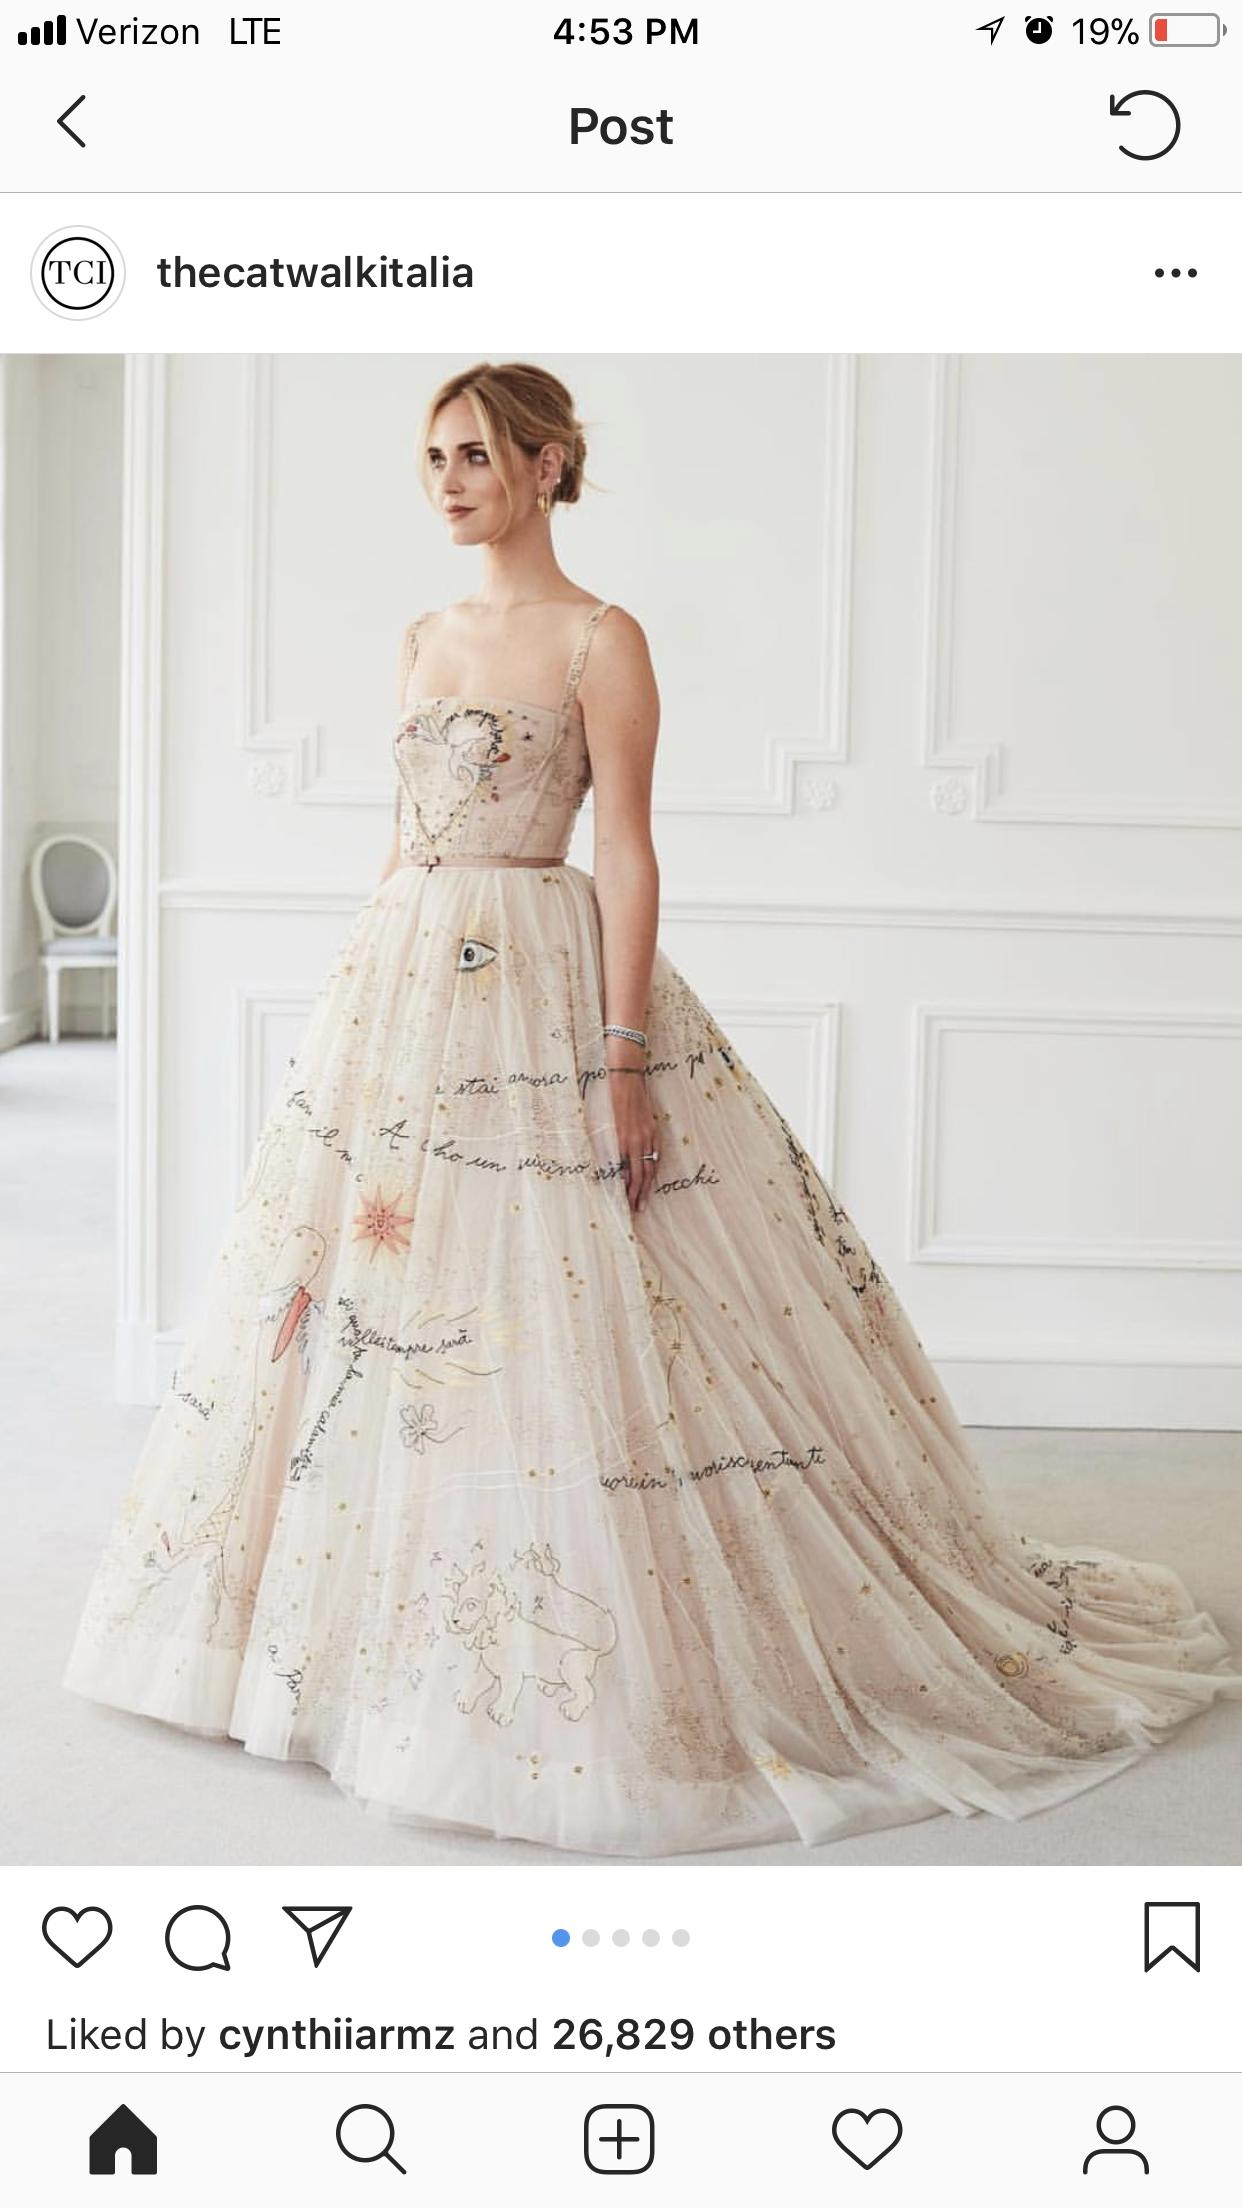 Dior wedding dresses  Chiara Dior wedding dress  Wedding  Pinterest  Dior wedding